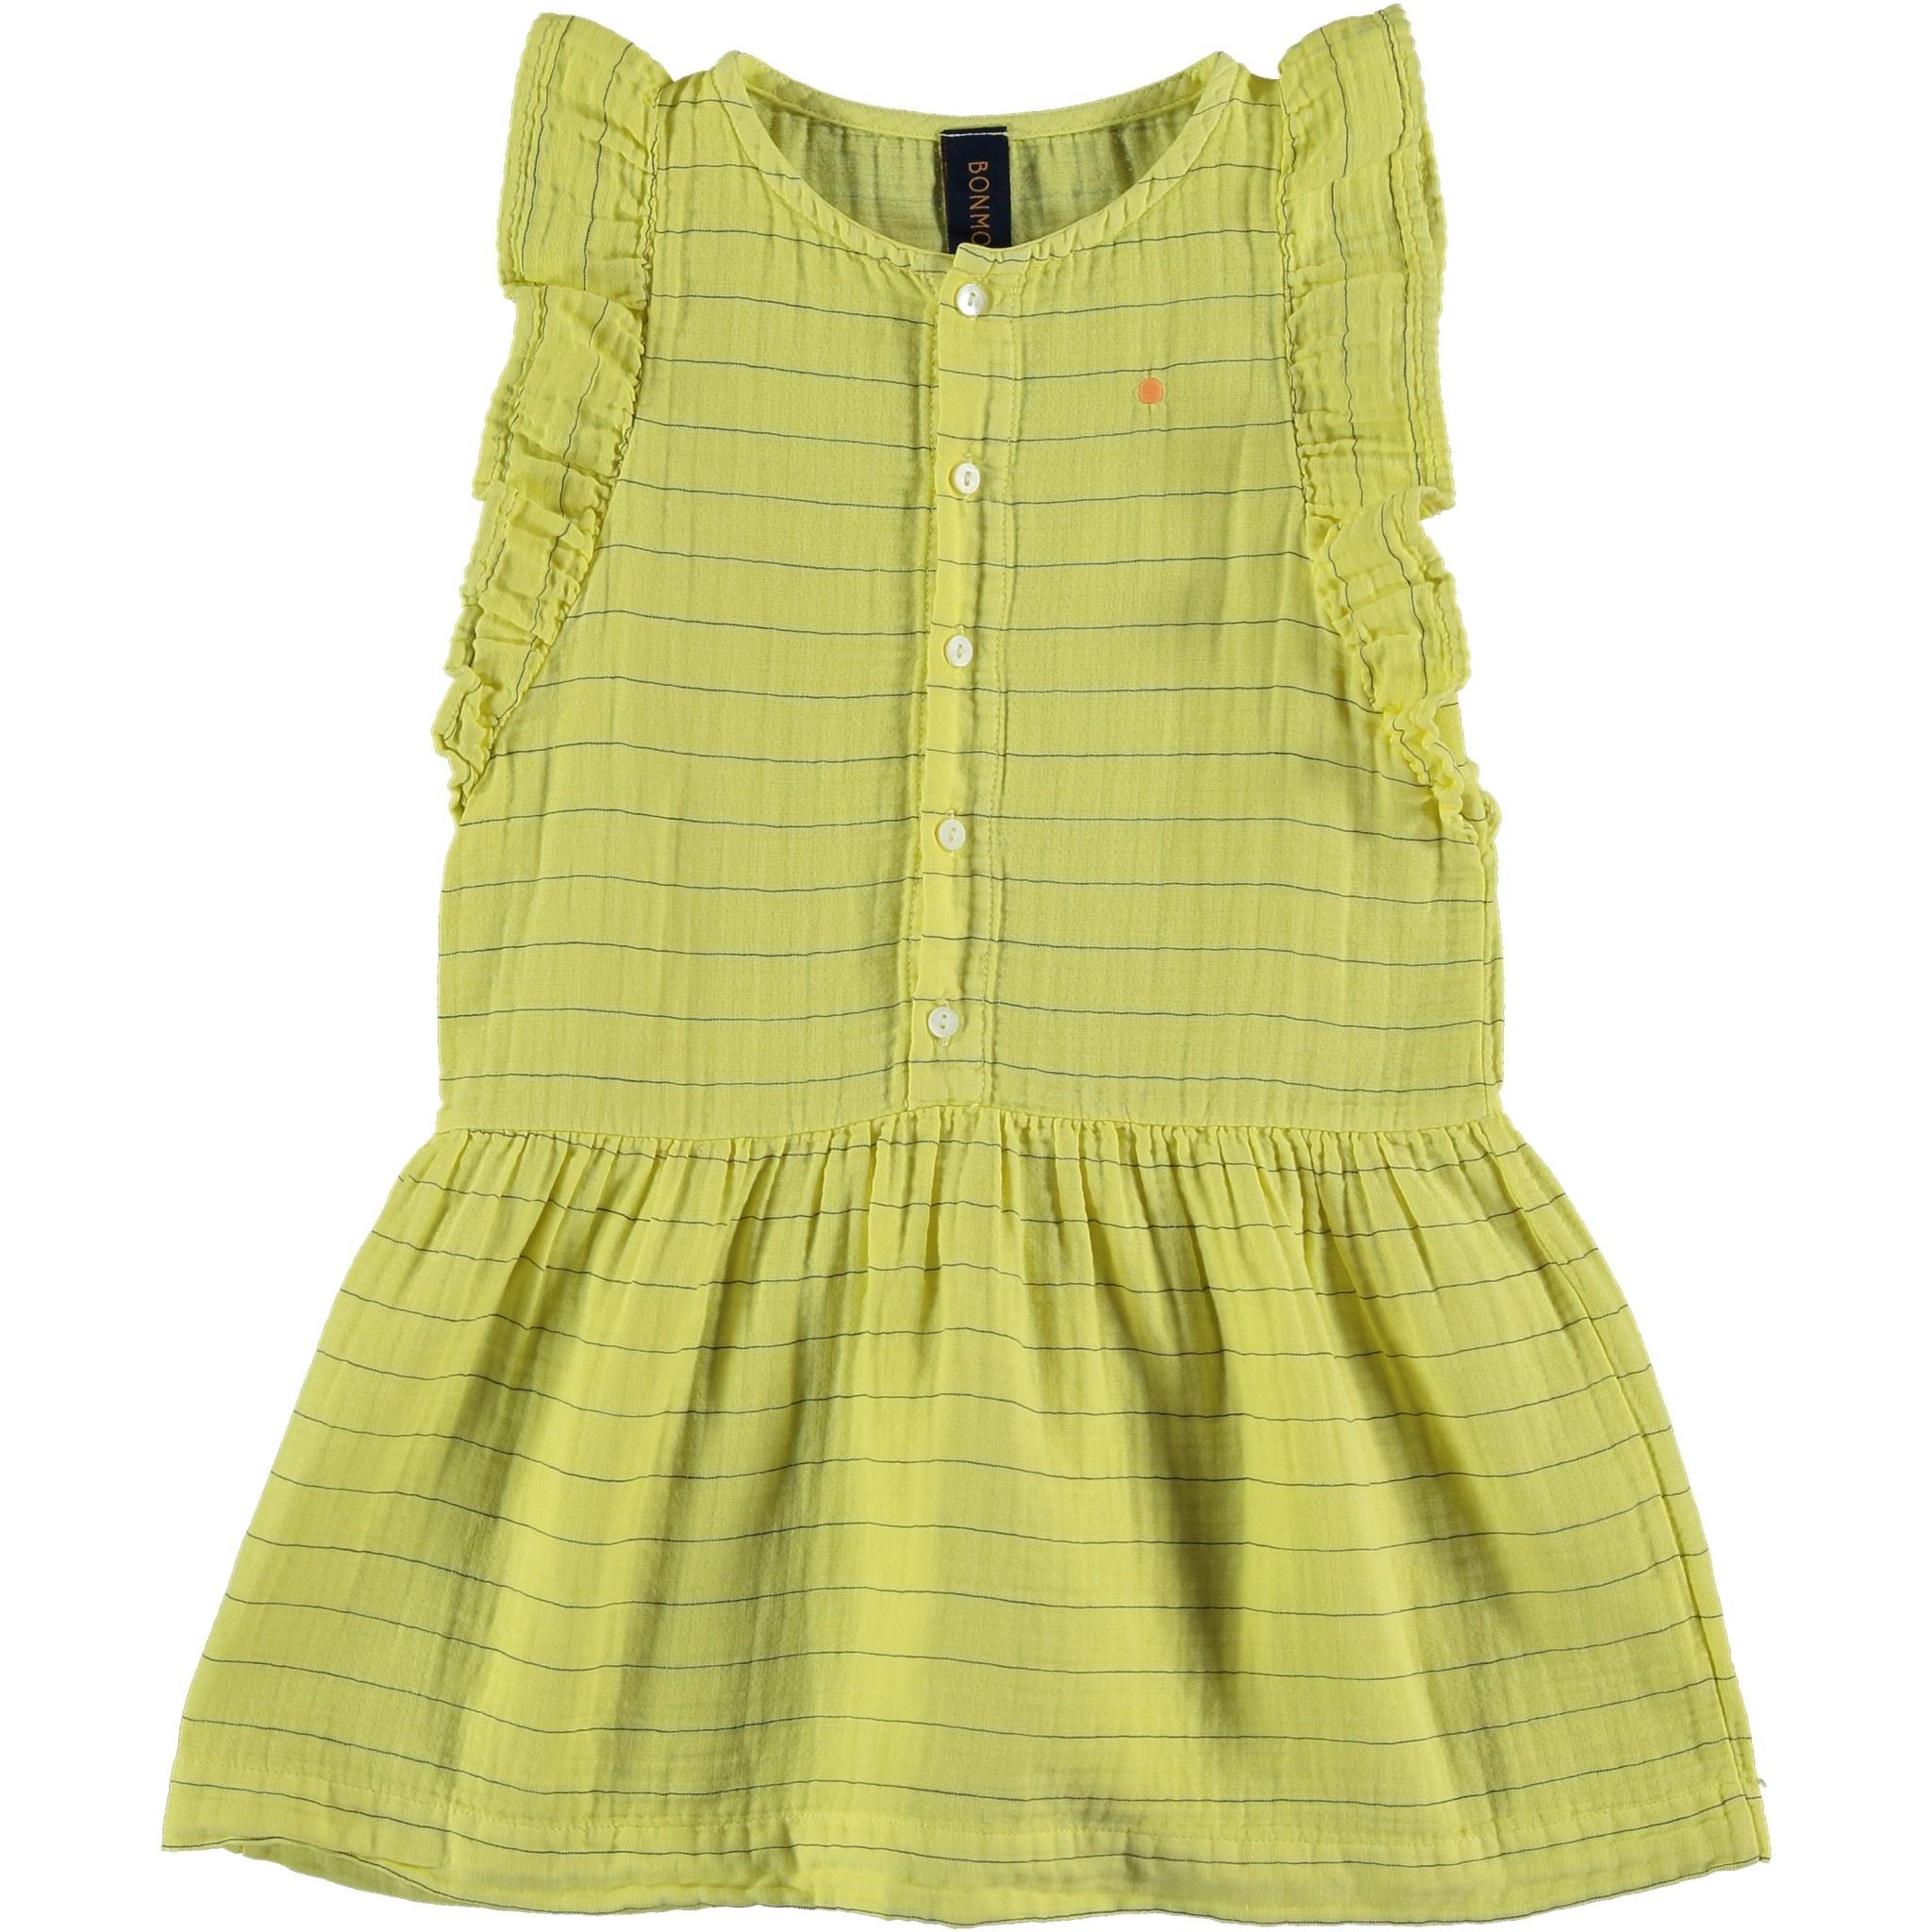 Dress frill stripes dot sunshine yellow-1